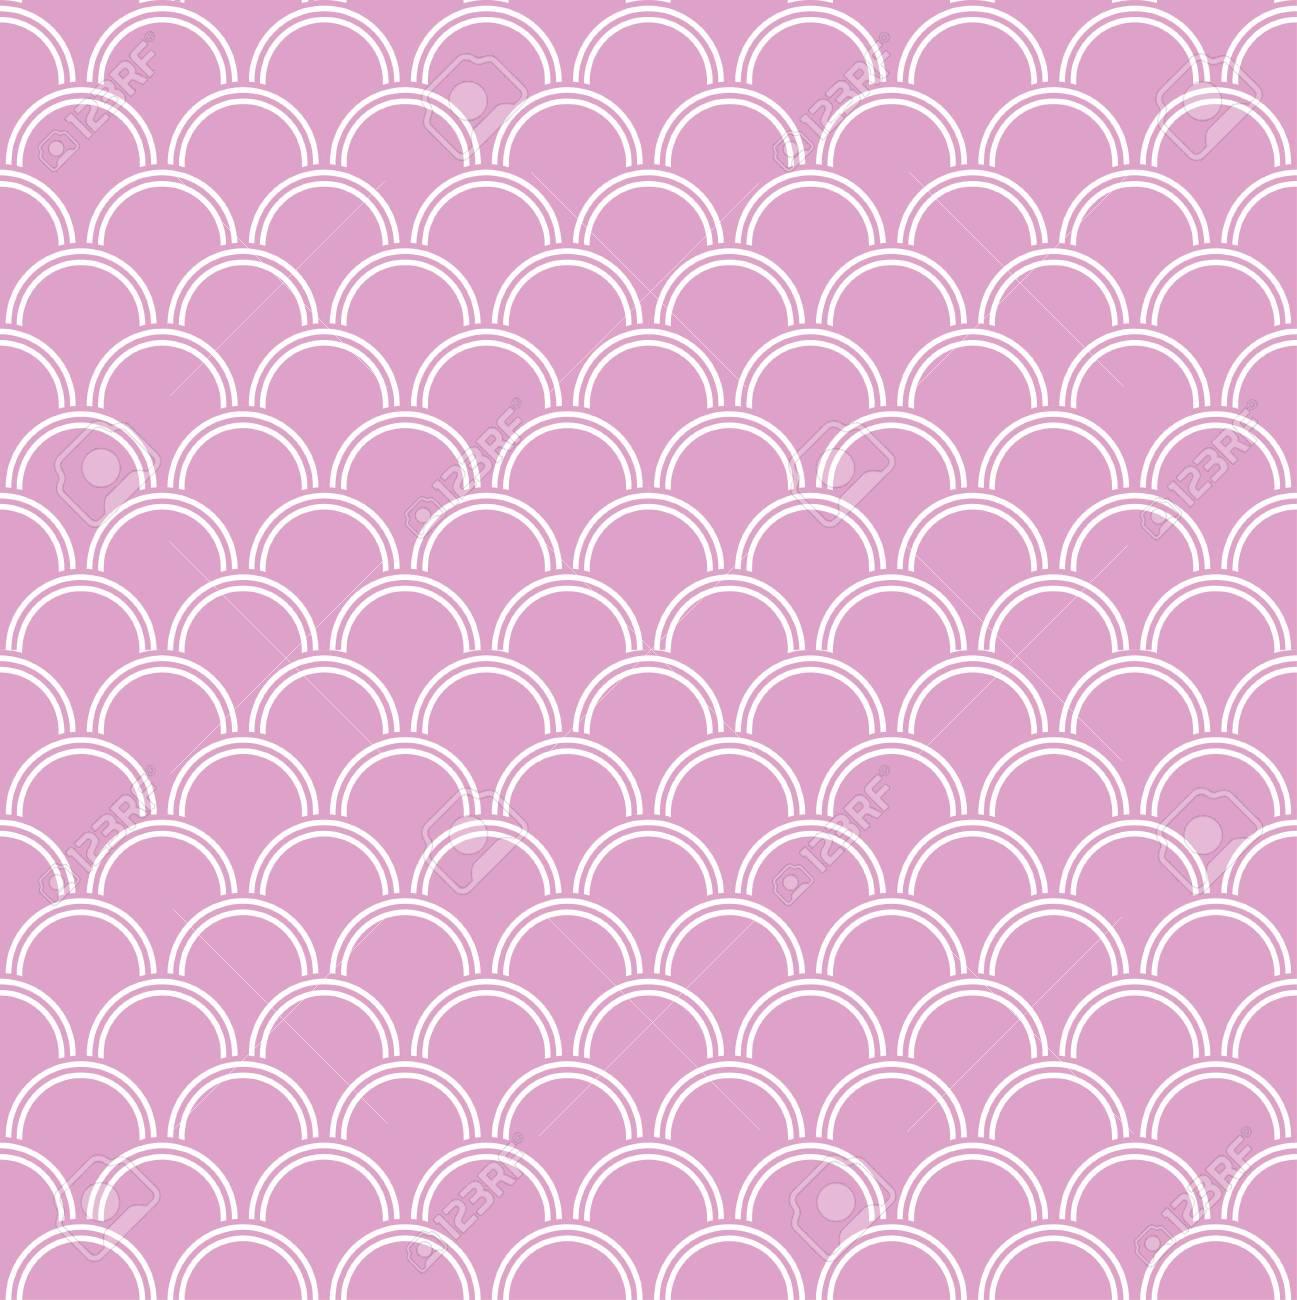 Seamless wave pattern - 114708497